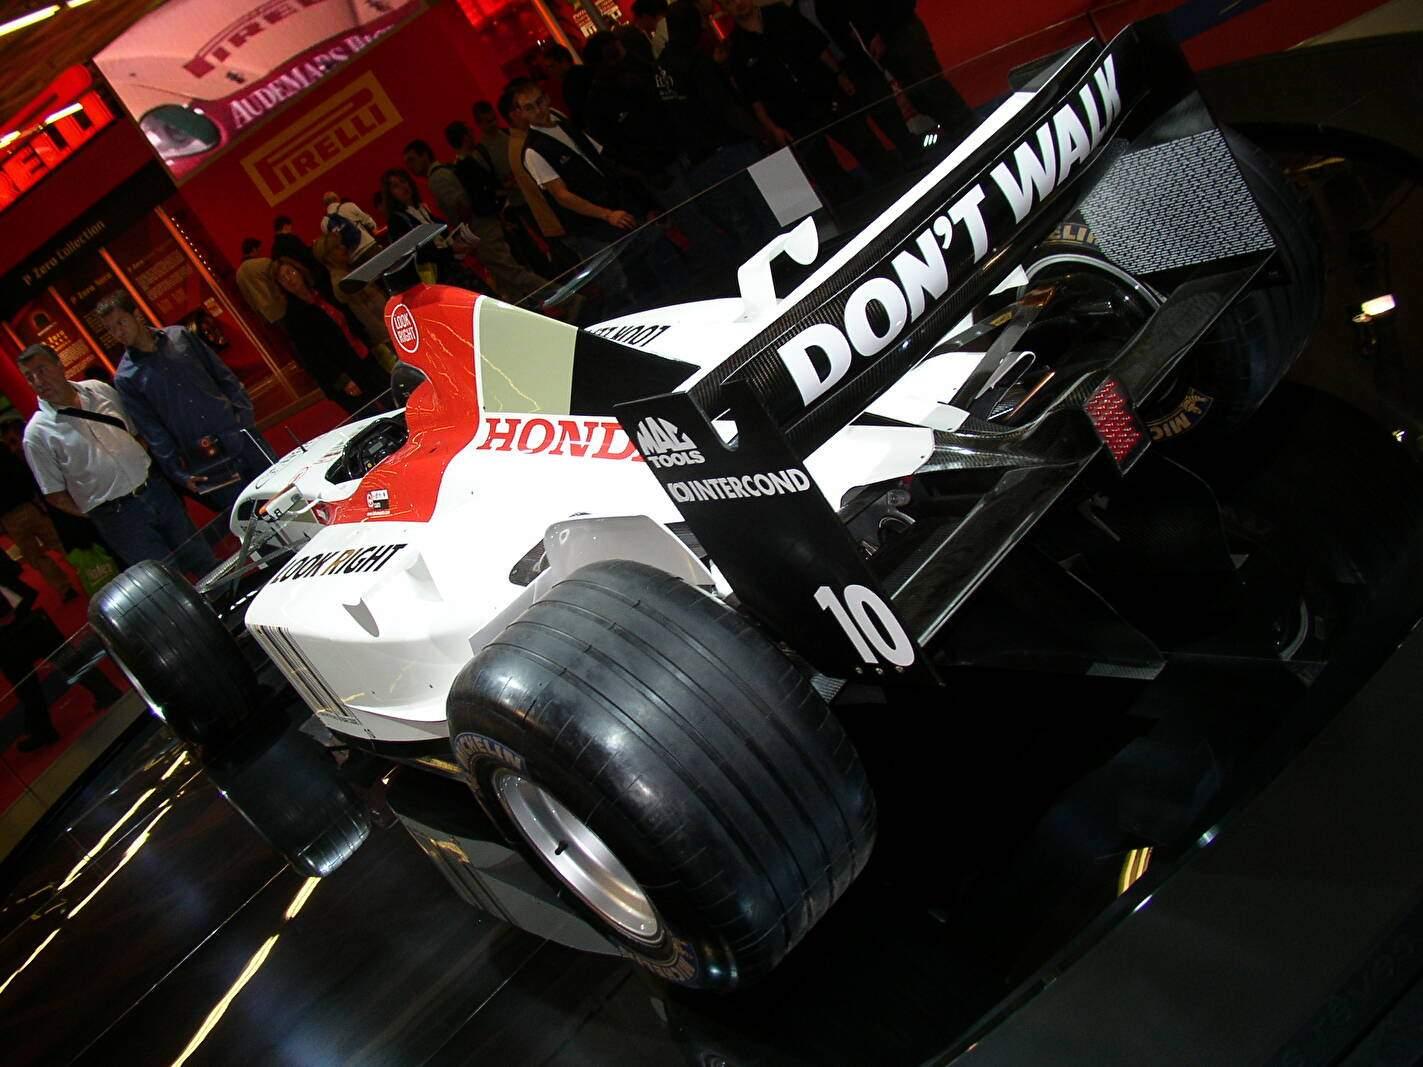 BAR 005 Honda (2003),  ajouté par patetjef31